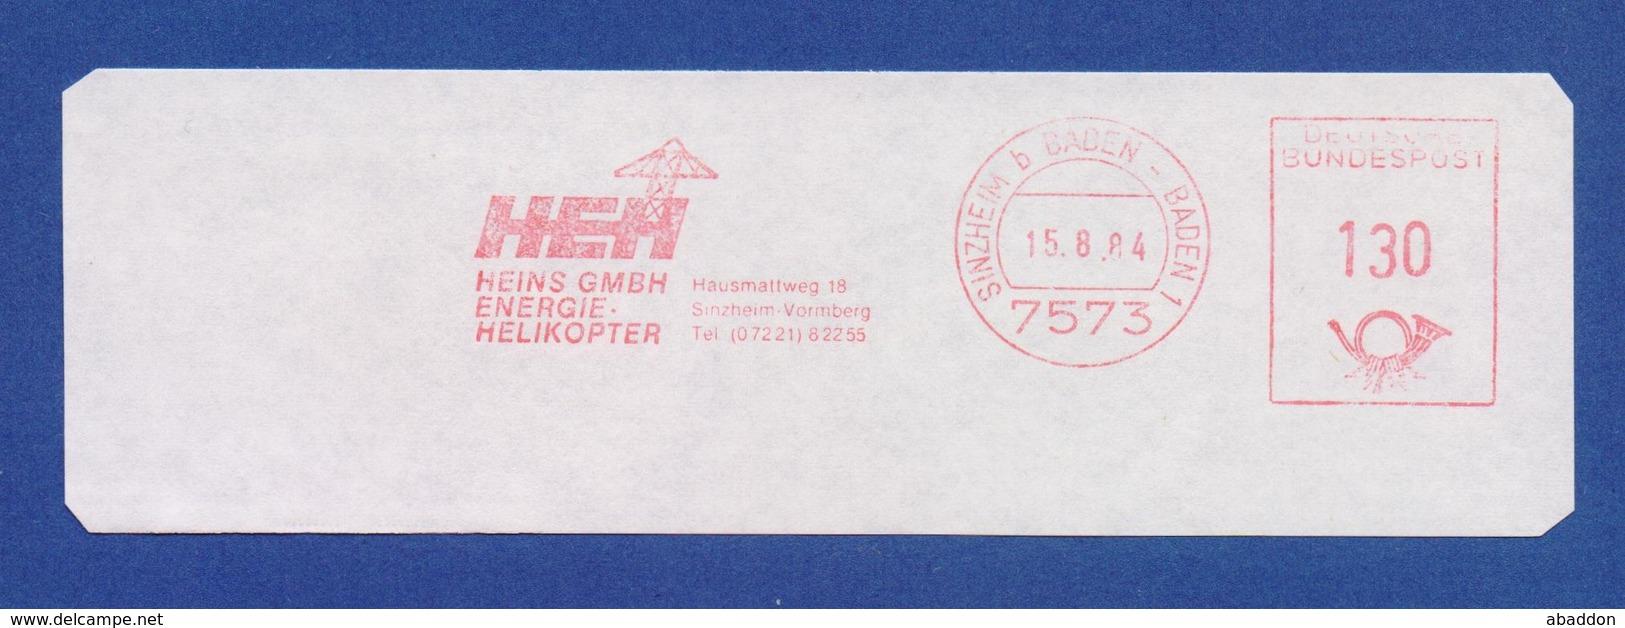 BRD AFS - SINZHEIM, HEH Heins GmbH - Energie Helikopter 1984 - BRD